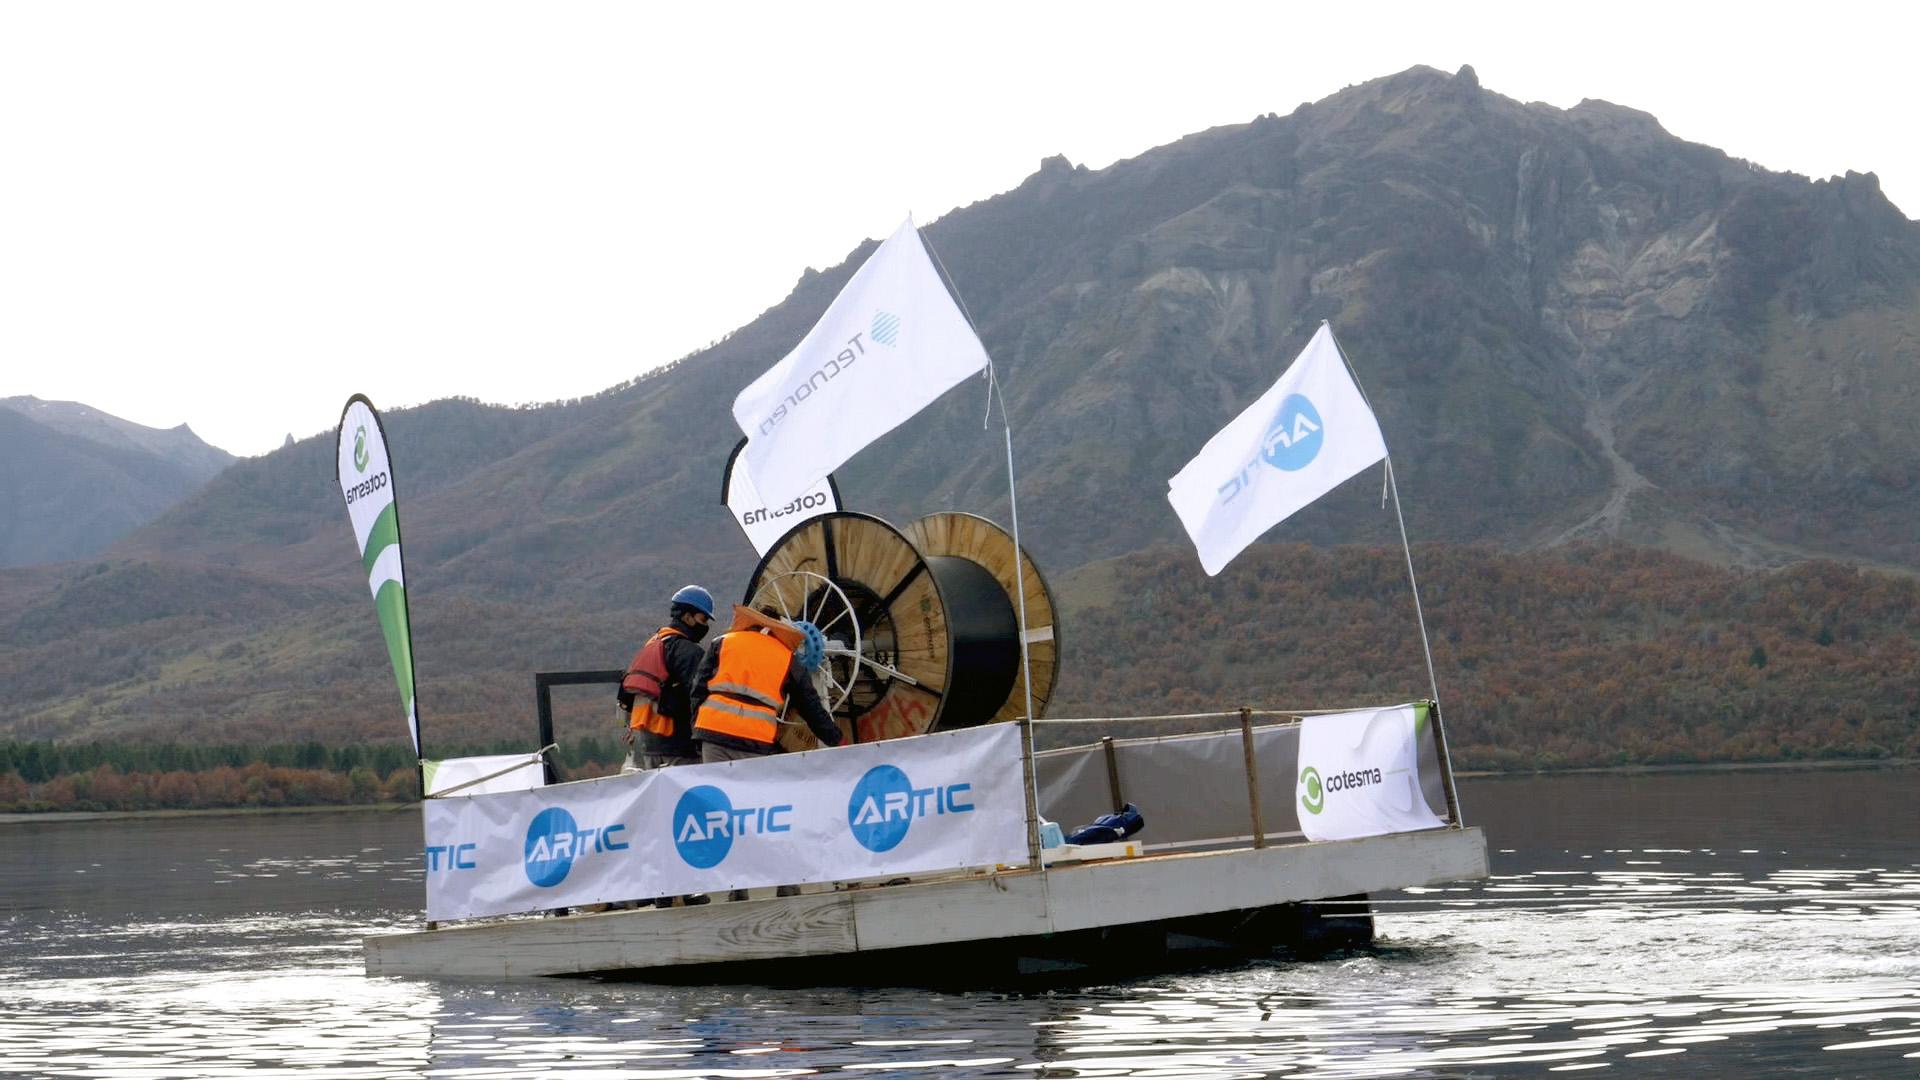 Cruzan Lago Meliquina en Argentina con fibra especial Artic